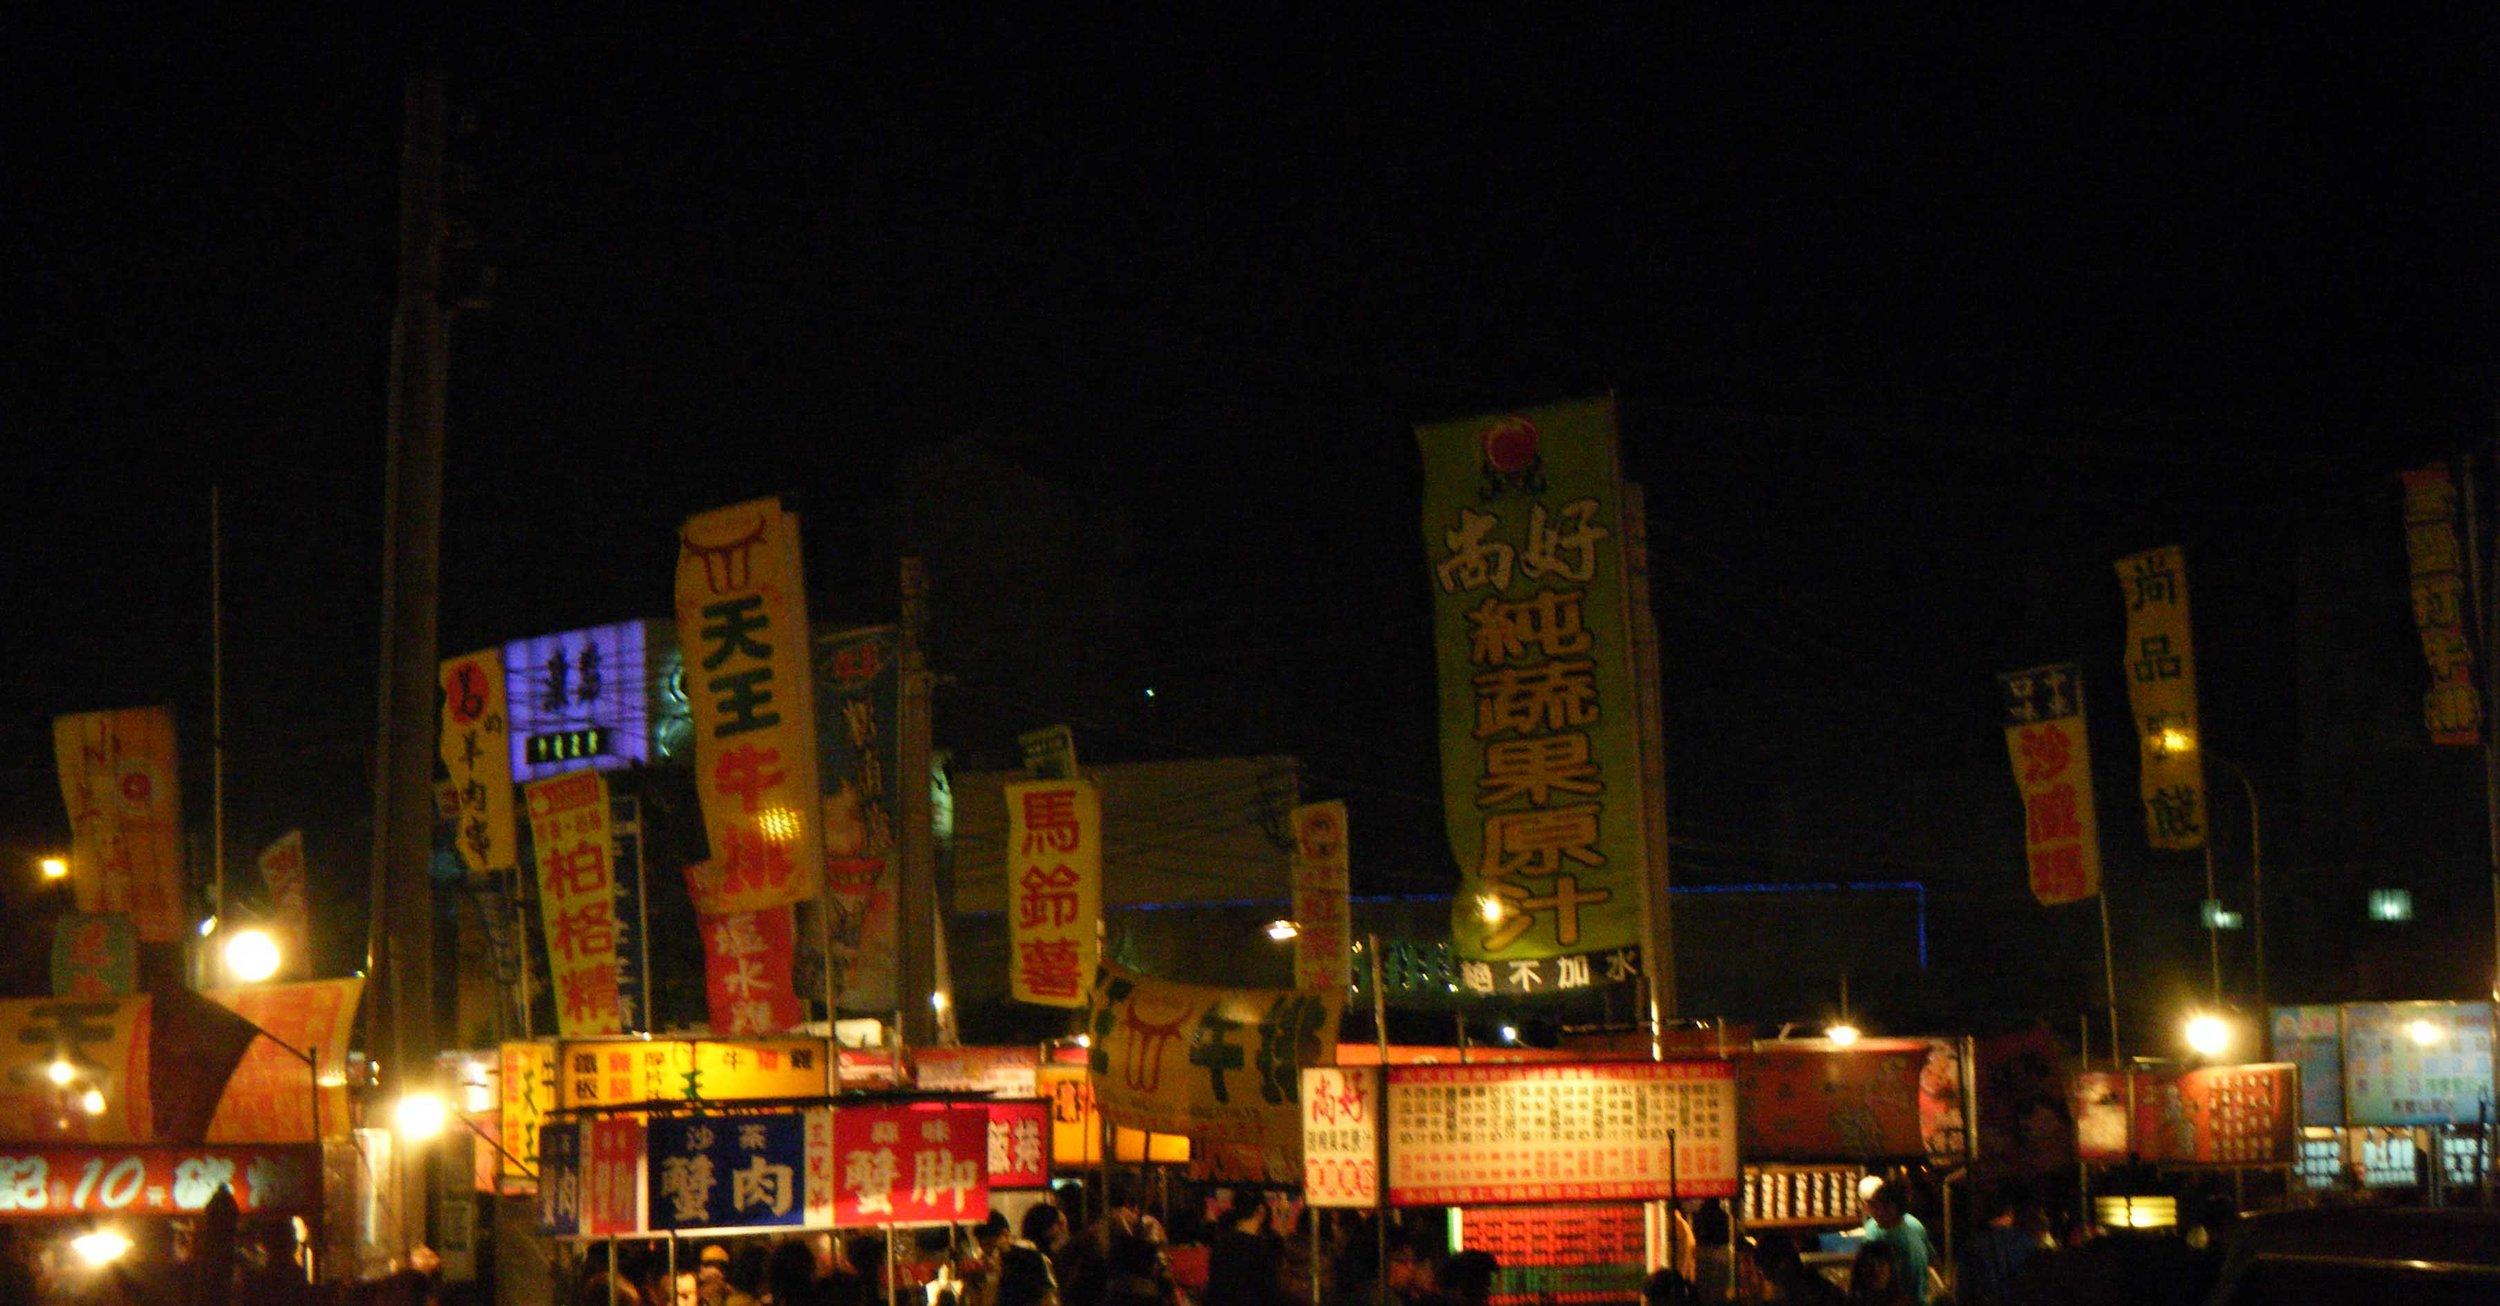 Garden night market 10-28-10.jpg